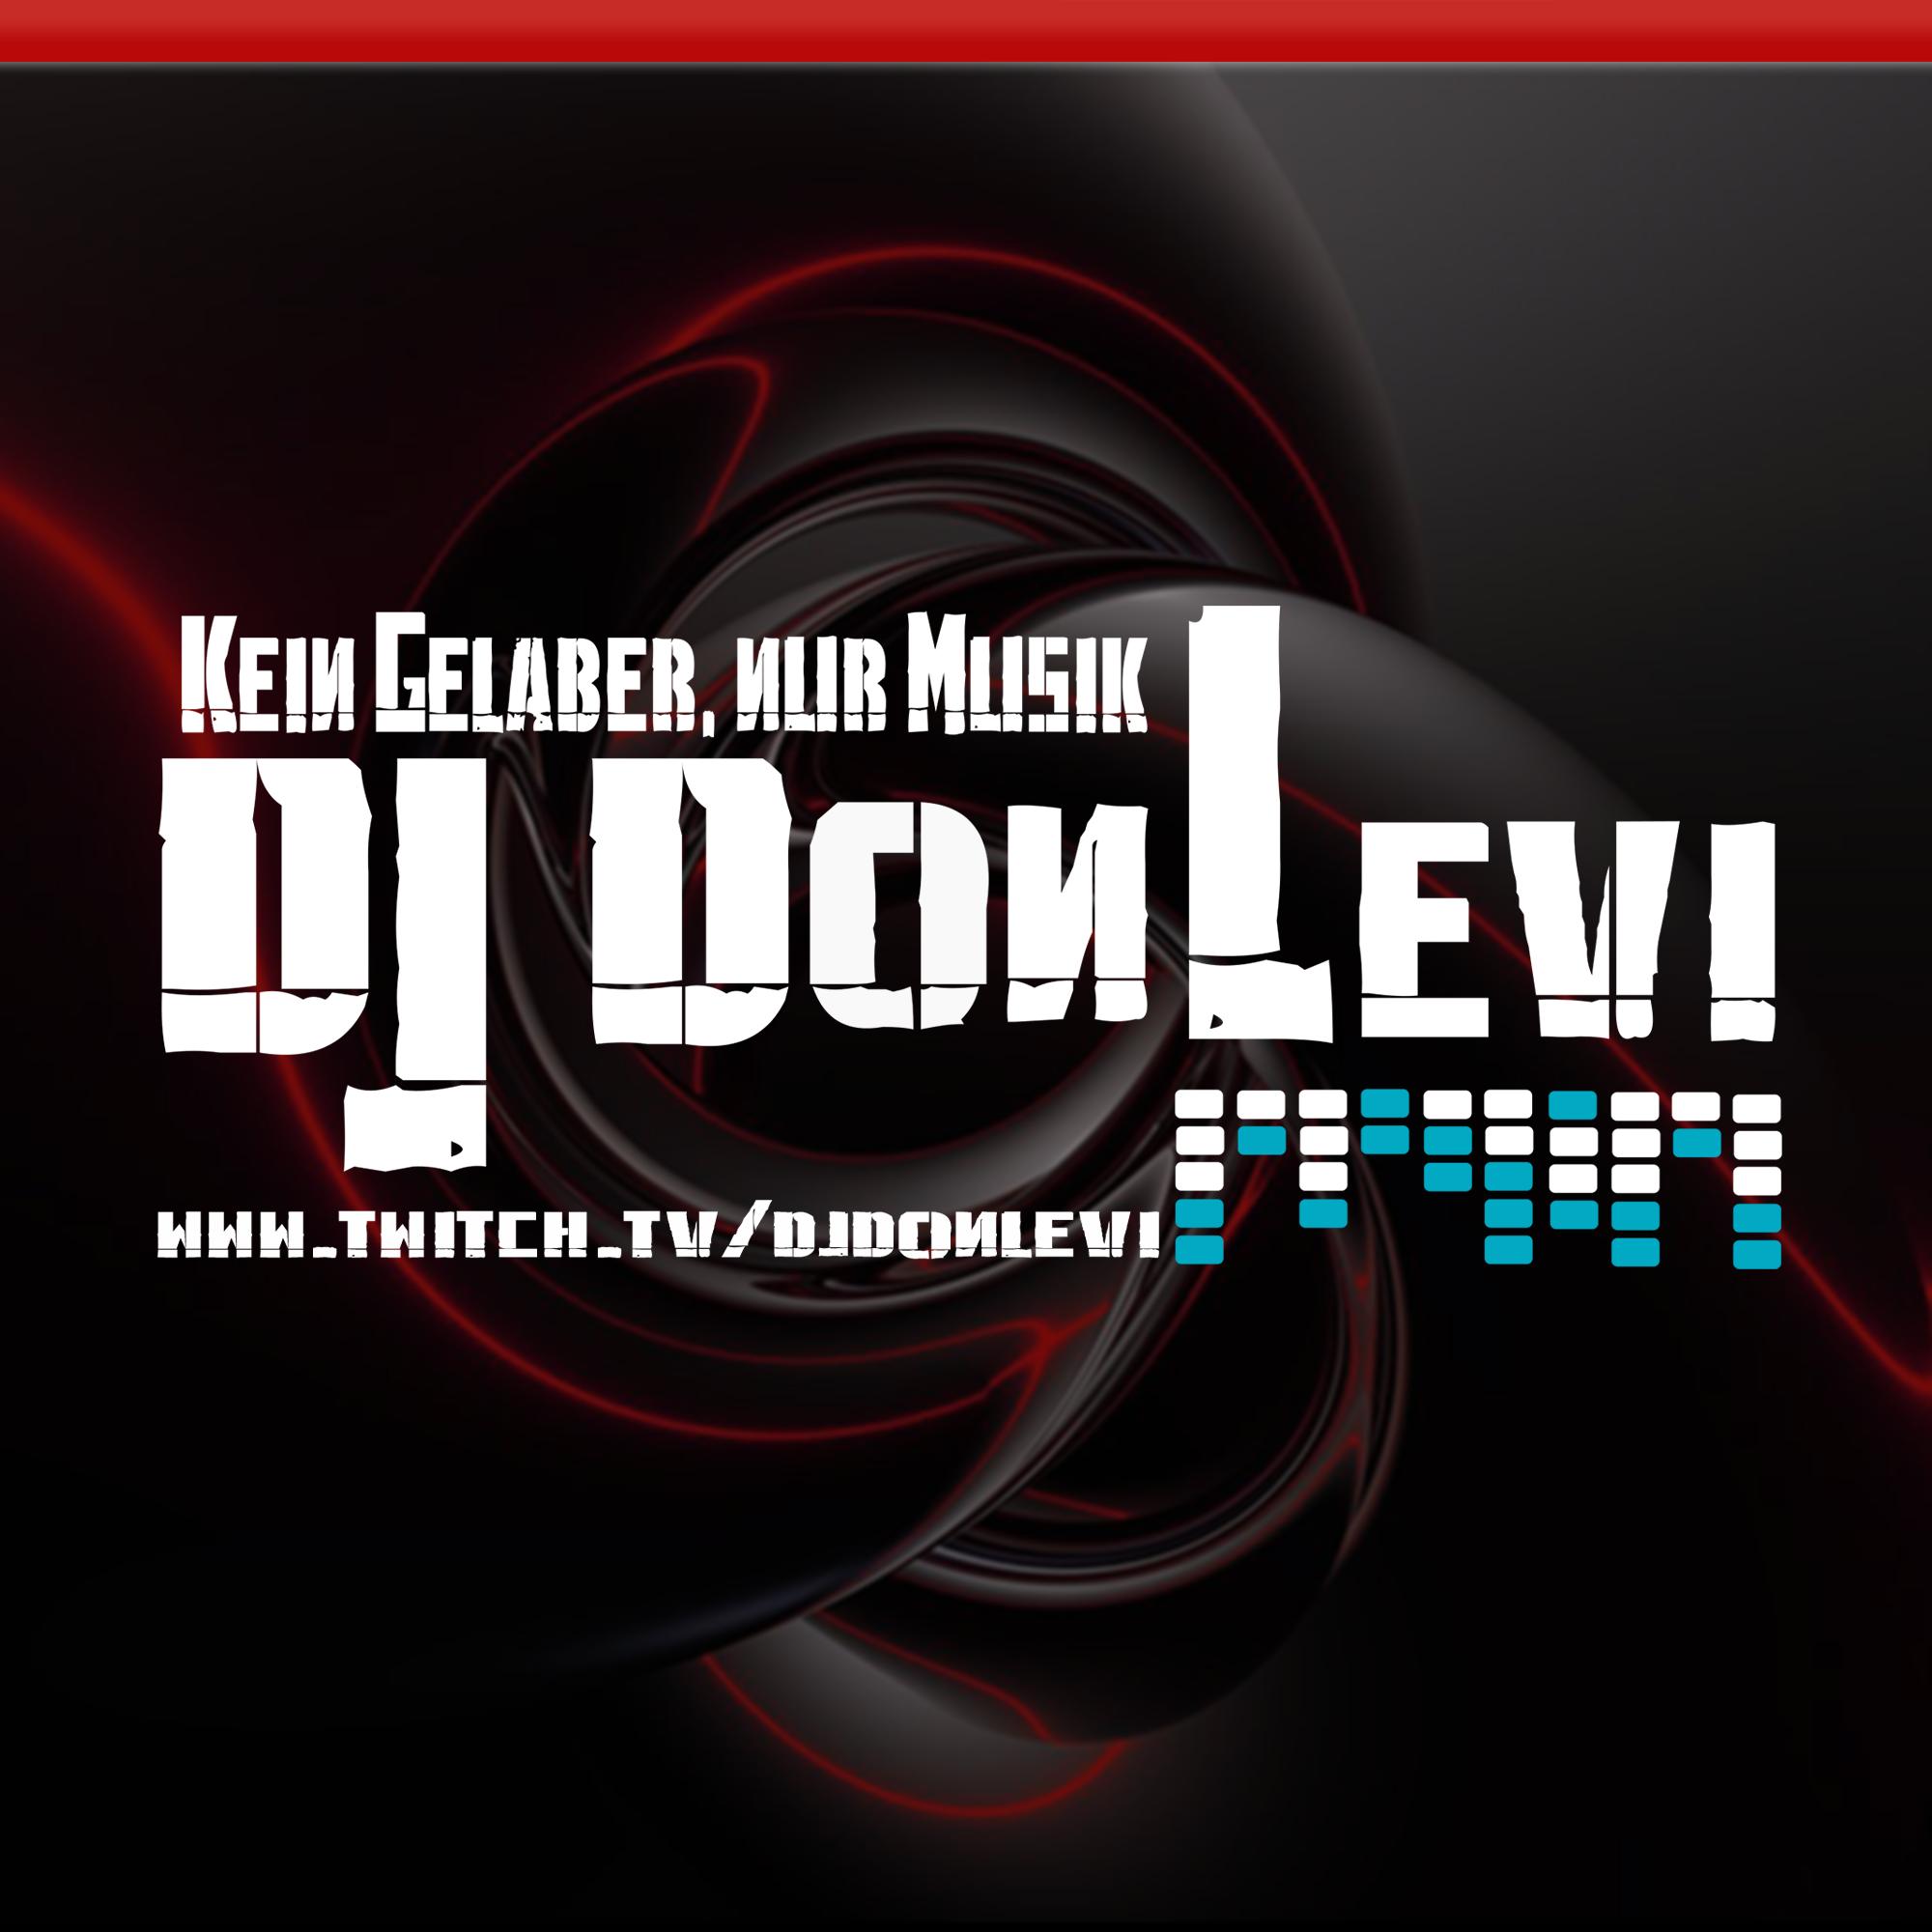 DJ DonLevi